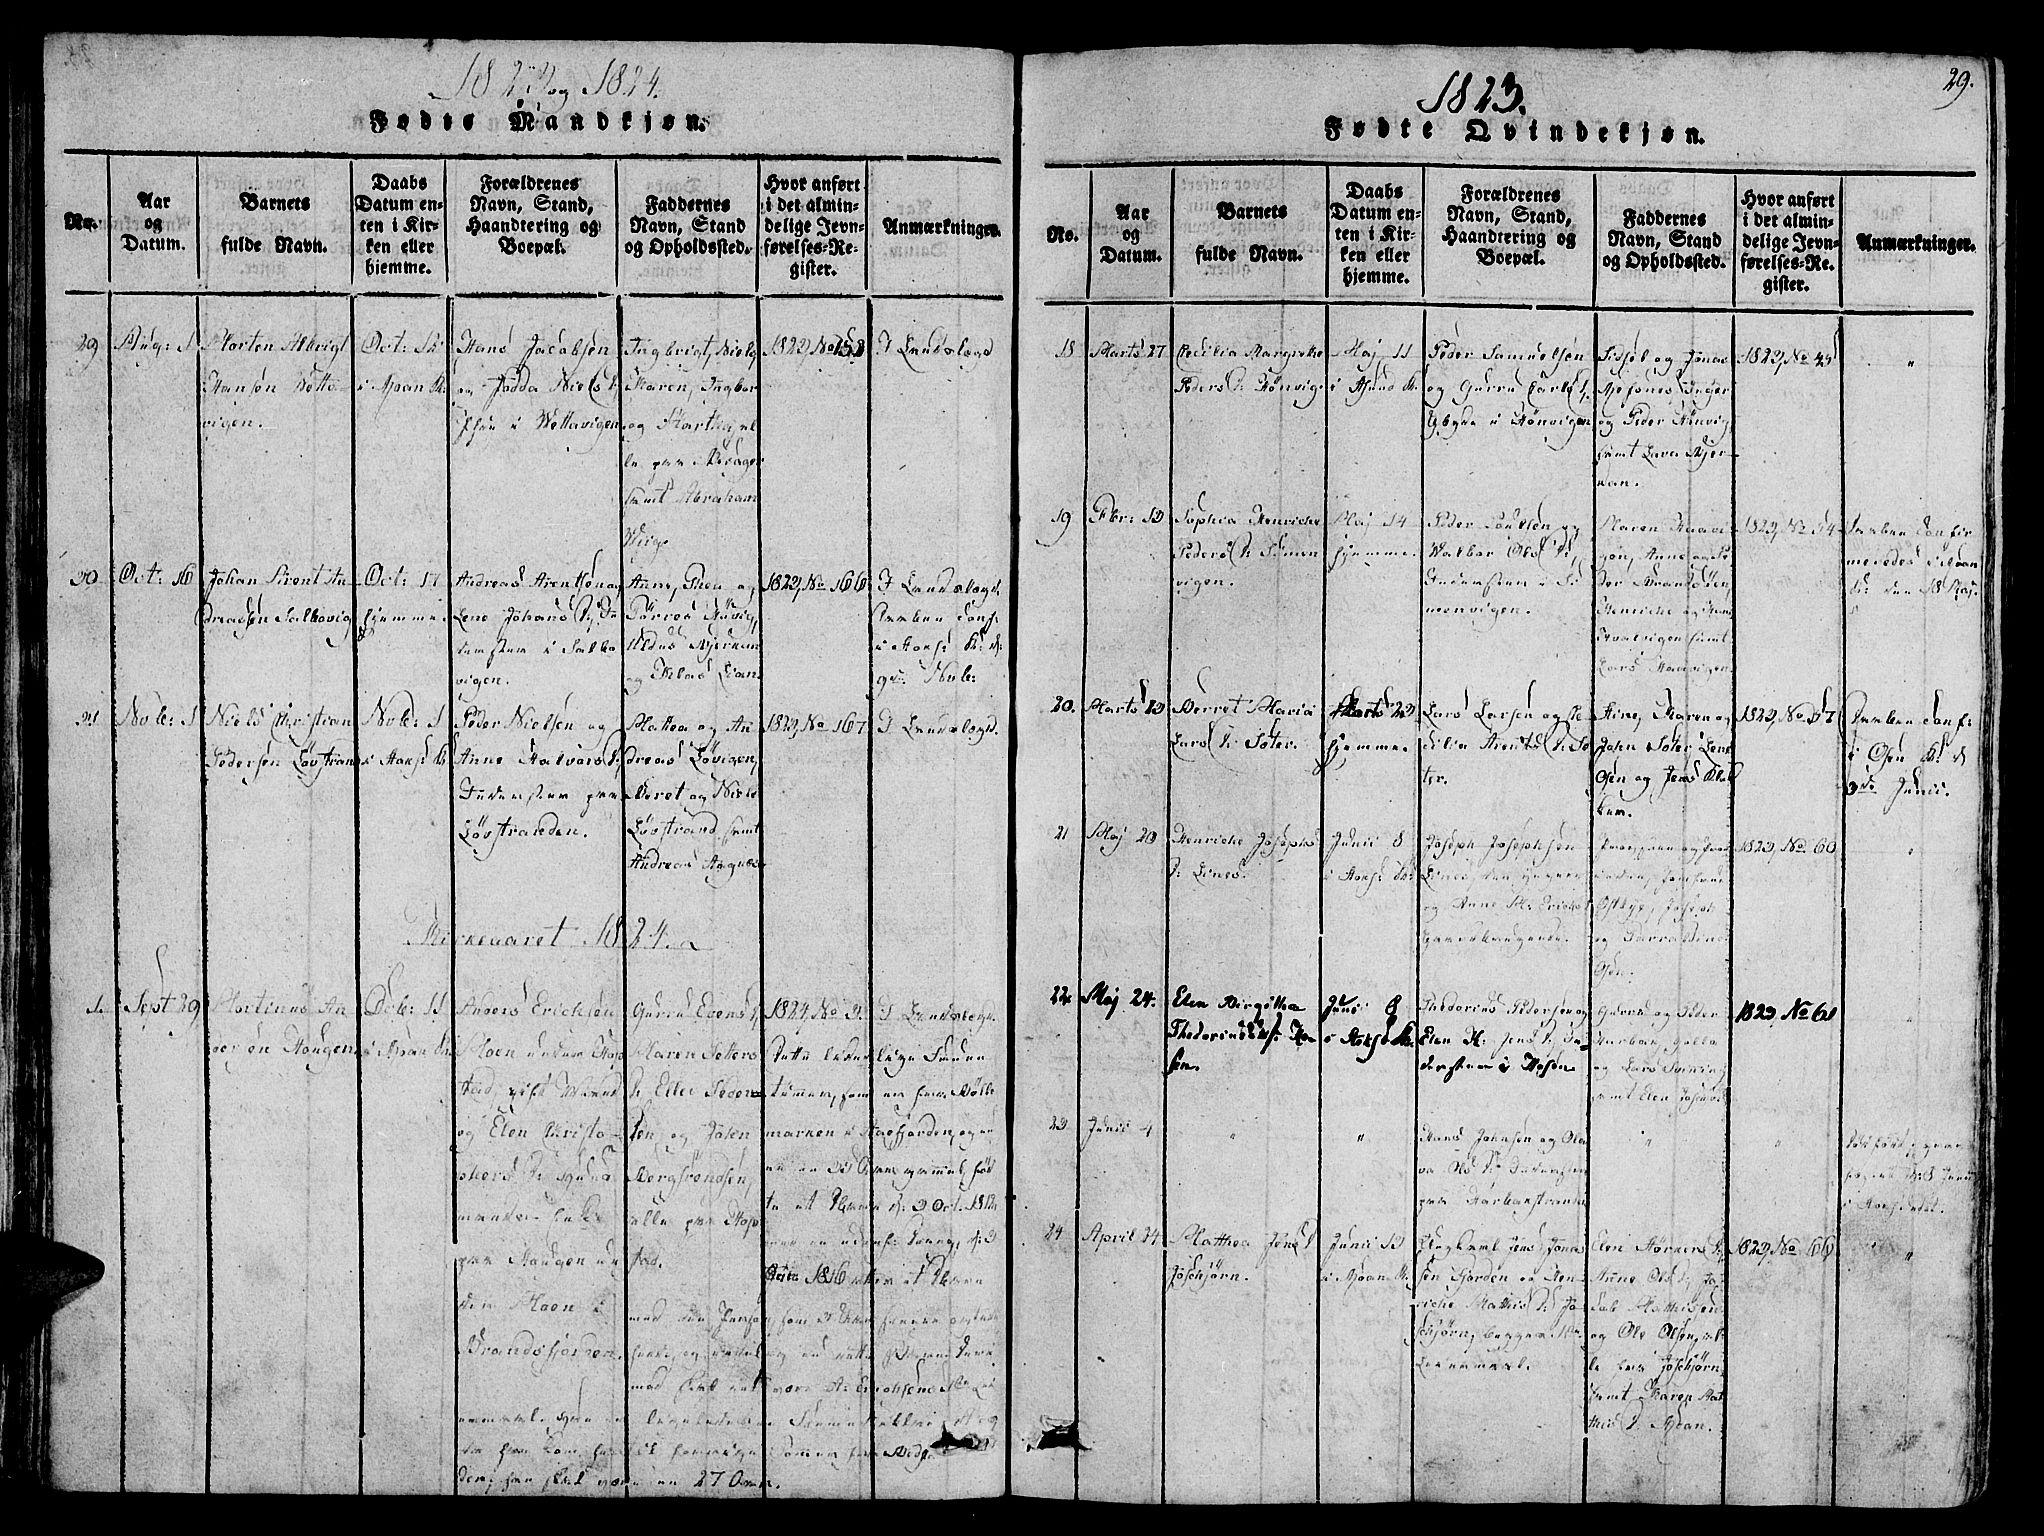 SAT, Ministerialprotokoller, klokkerbøker og fødselsregistre - Sør-Trøndelag, 657/L0702: Ministerialbok nr. 657A03, 1818-1831, s. 29